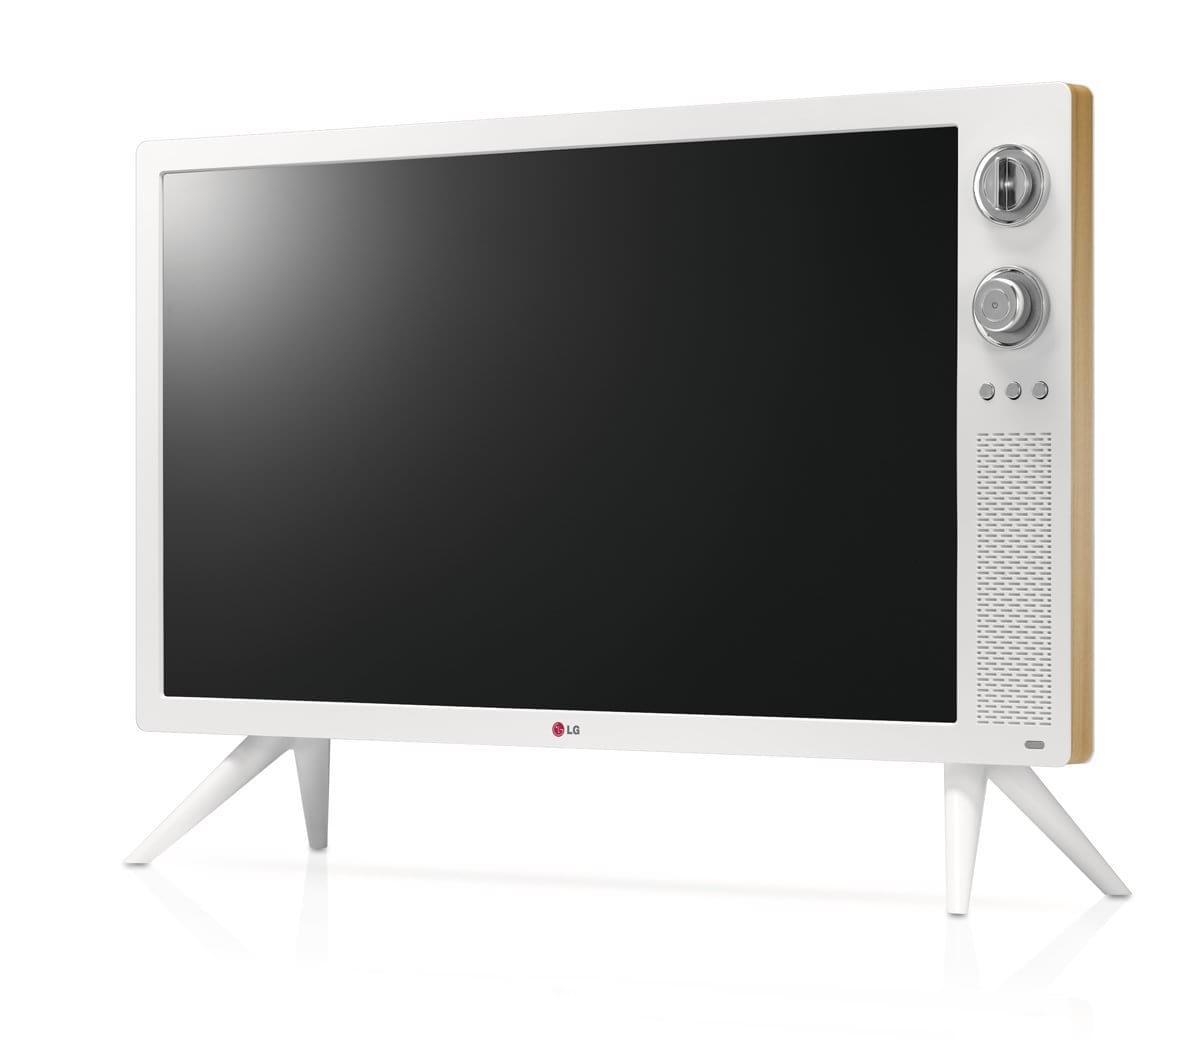 LG Lanca TV Inspirada Nas Decadas De 70 E 80